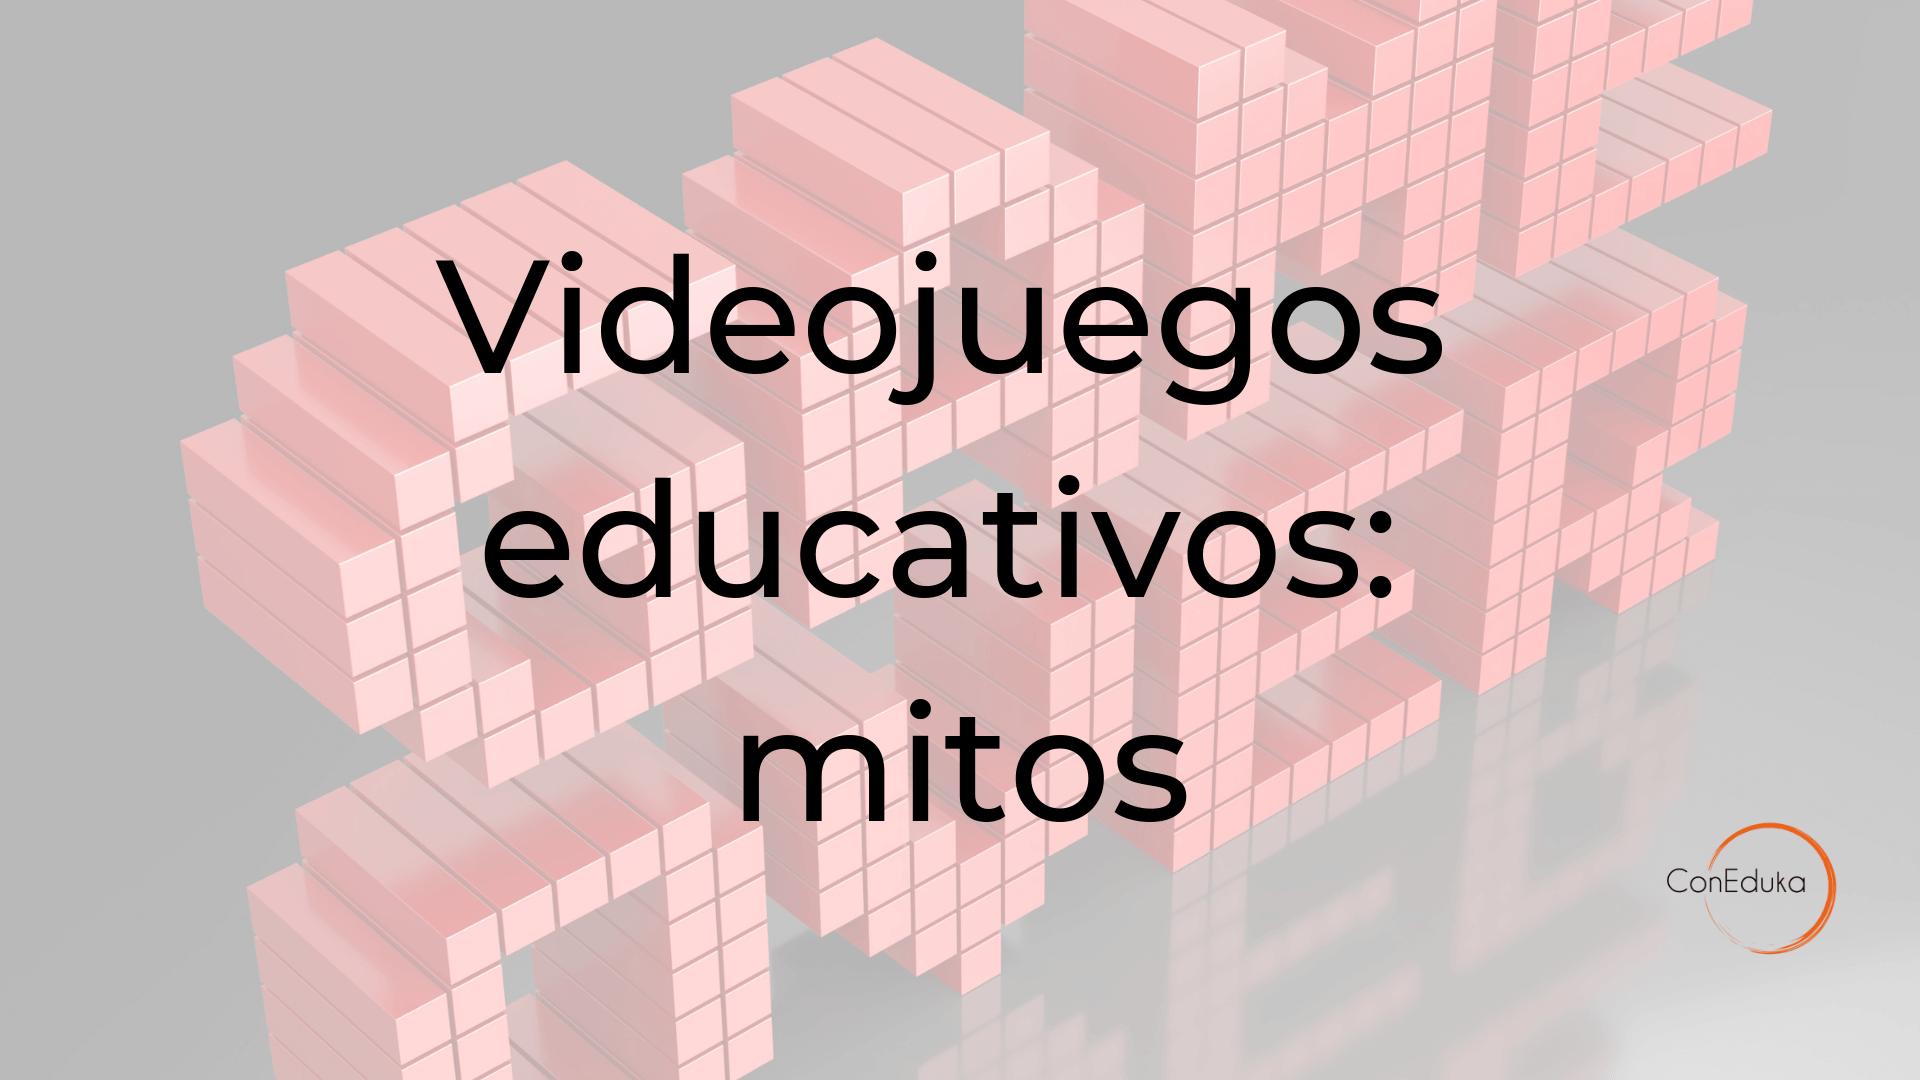 videojuegos educativos para niños